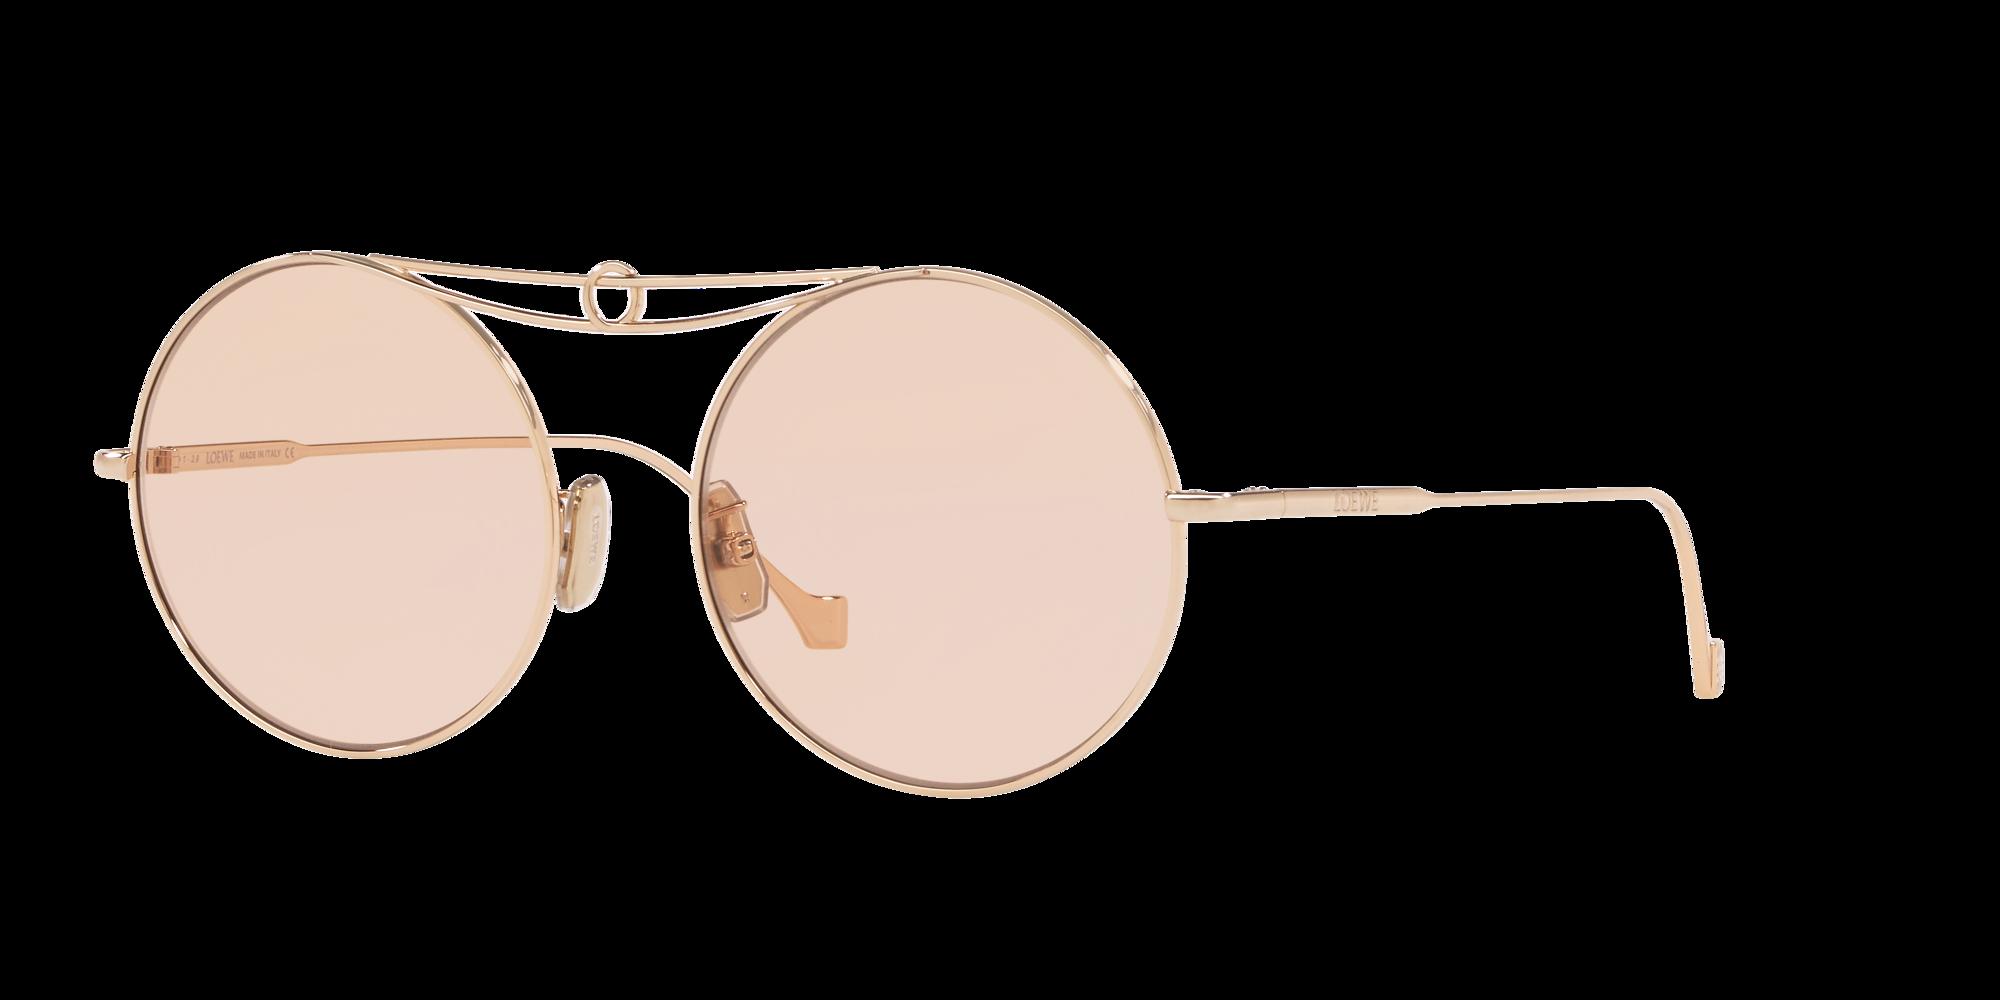 Loewe Mann  E4000023 -  Frame color: Pink, Lens color: Pink